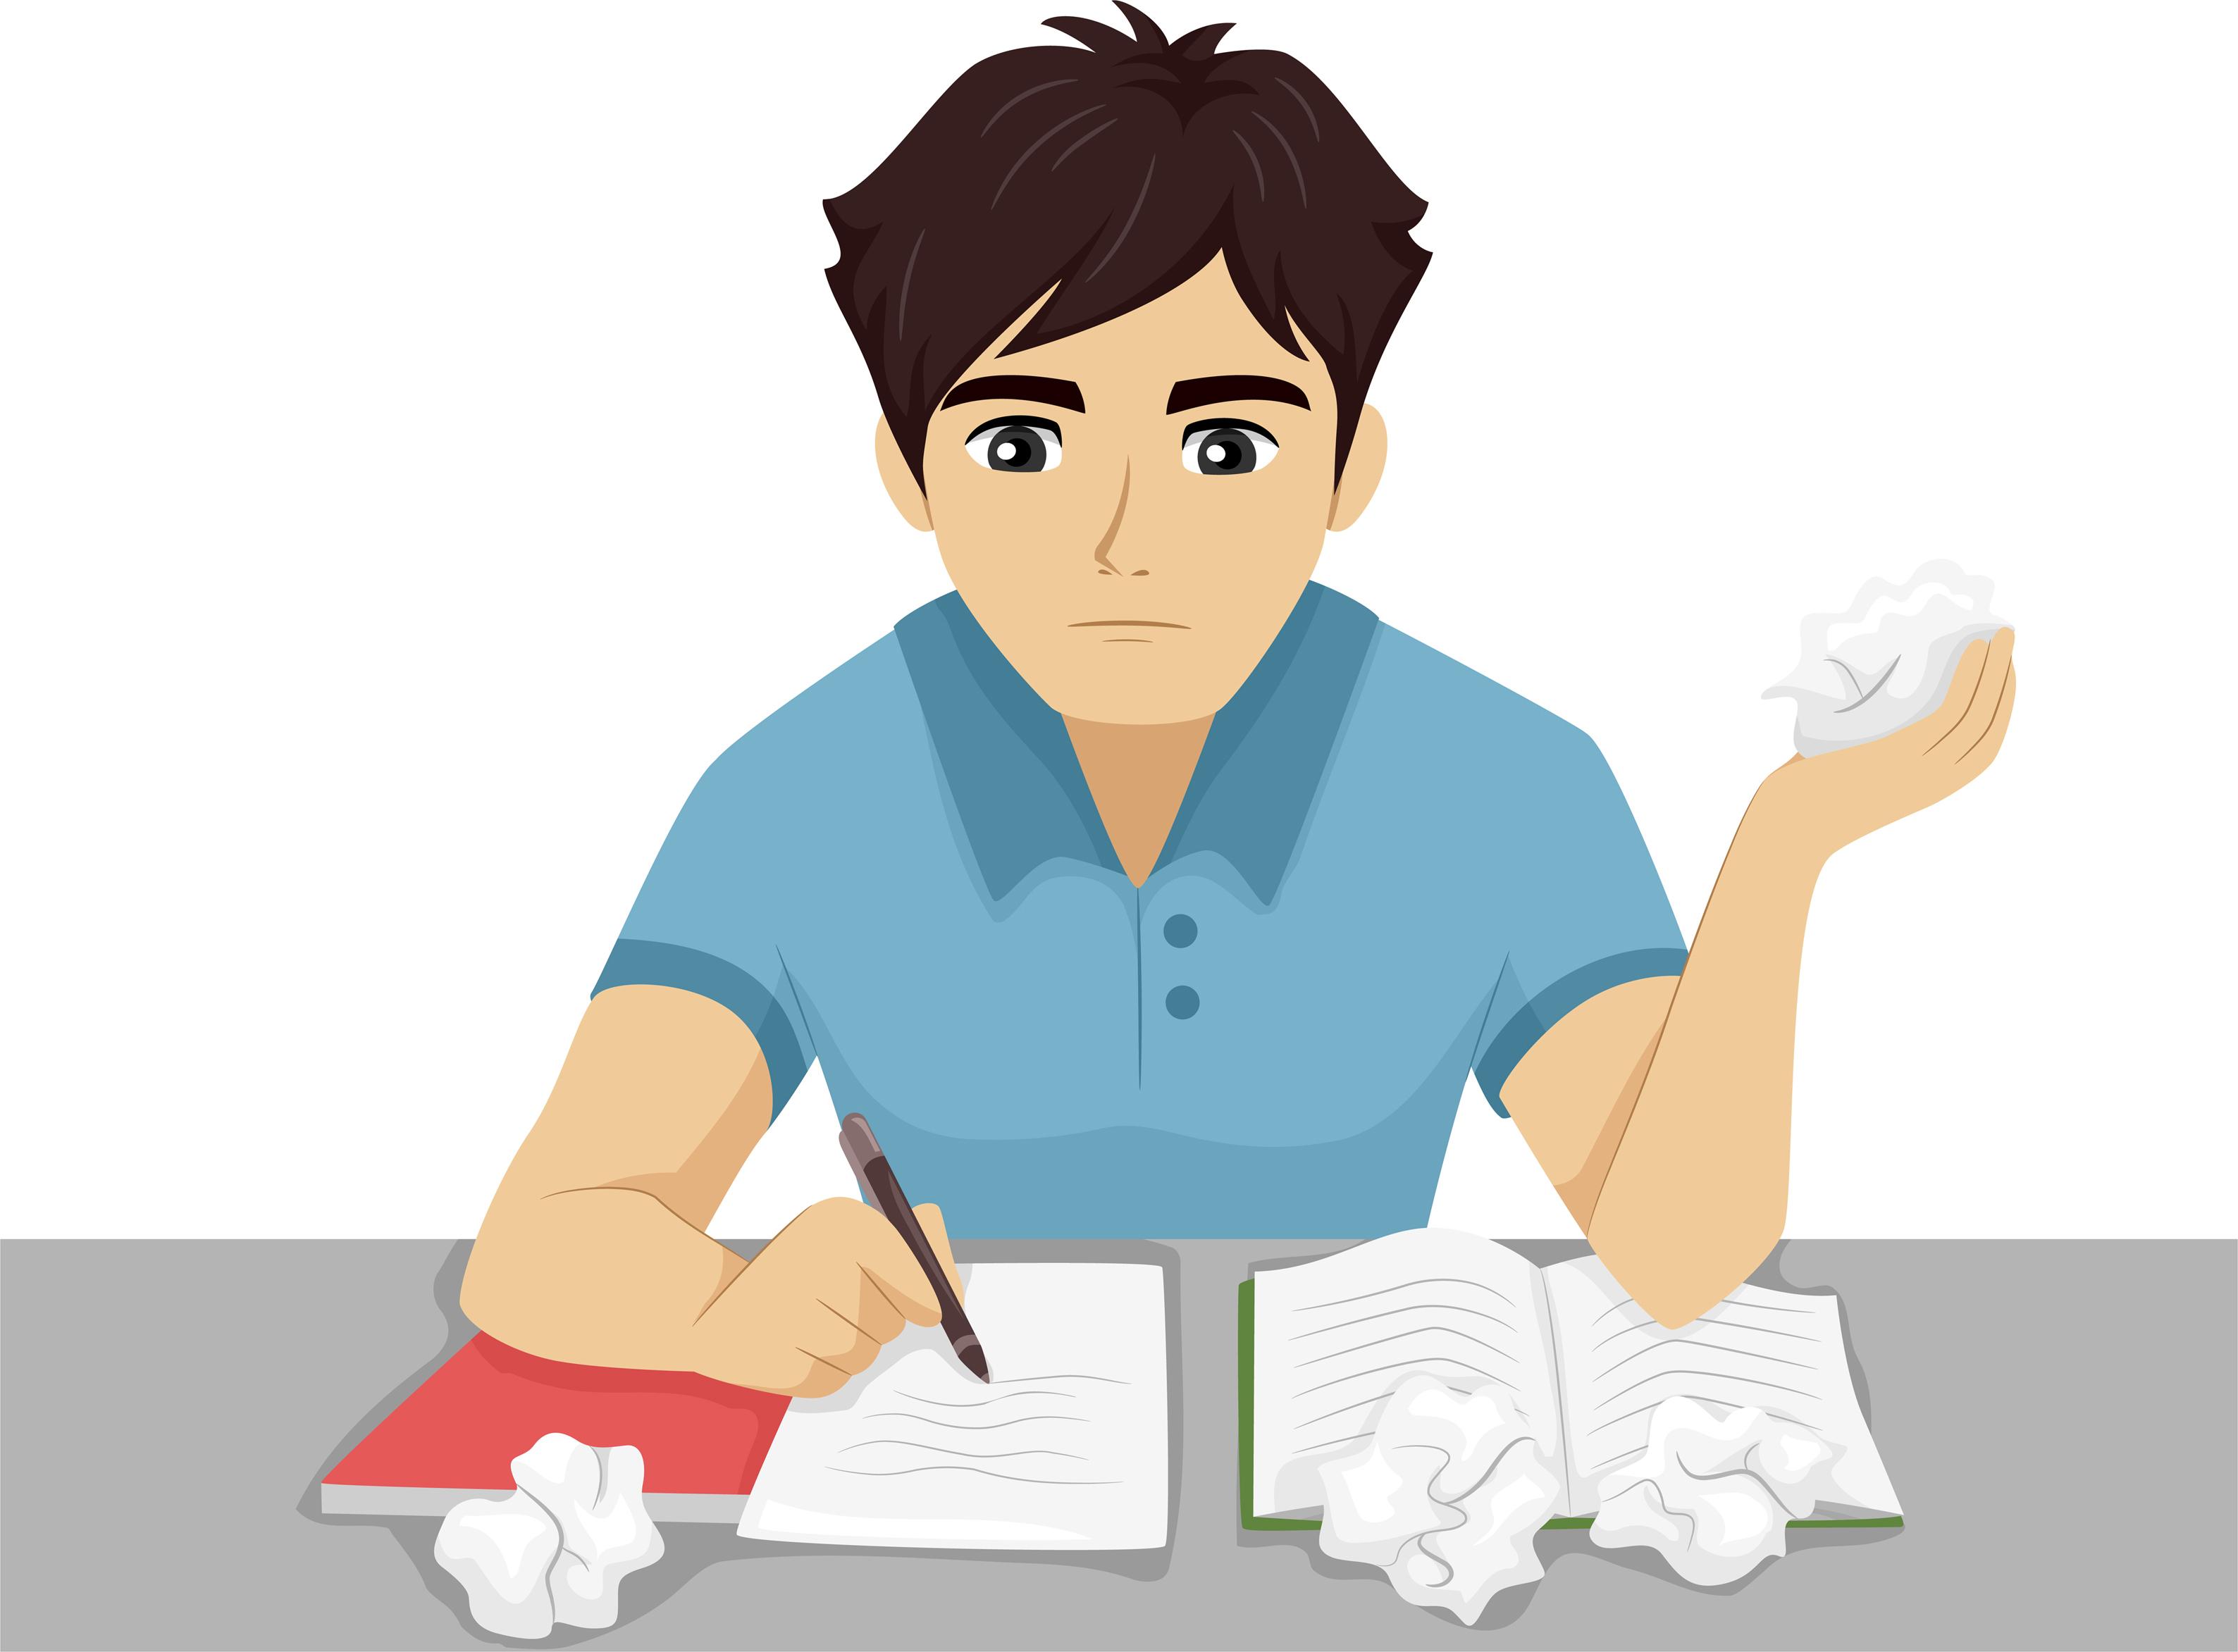 Custom made anti plagiarism essays